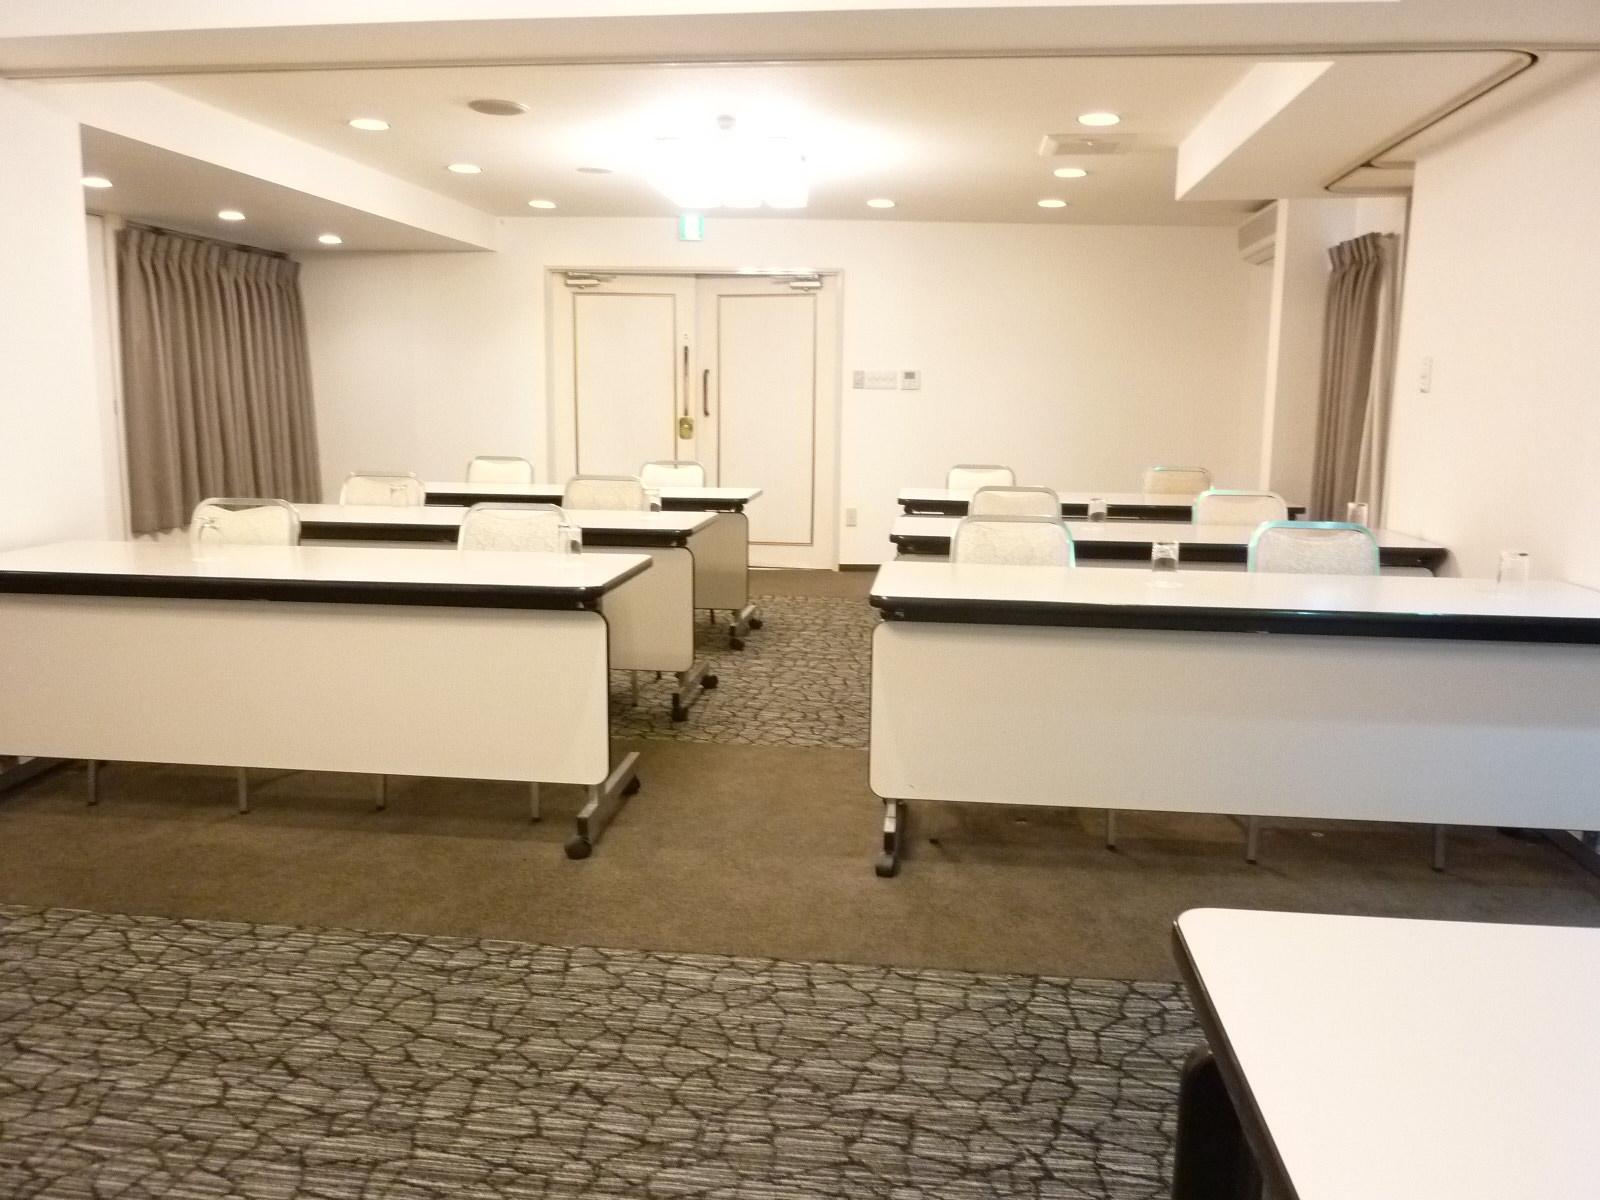 会議室 2面(A面・B面)使用 スクール形式